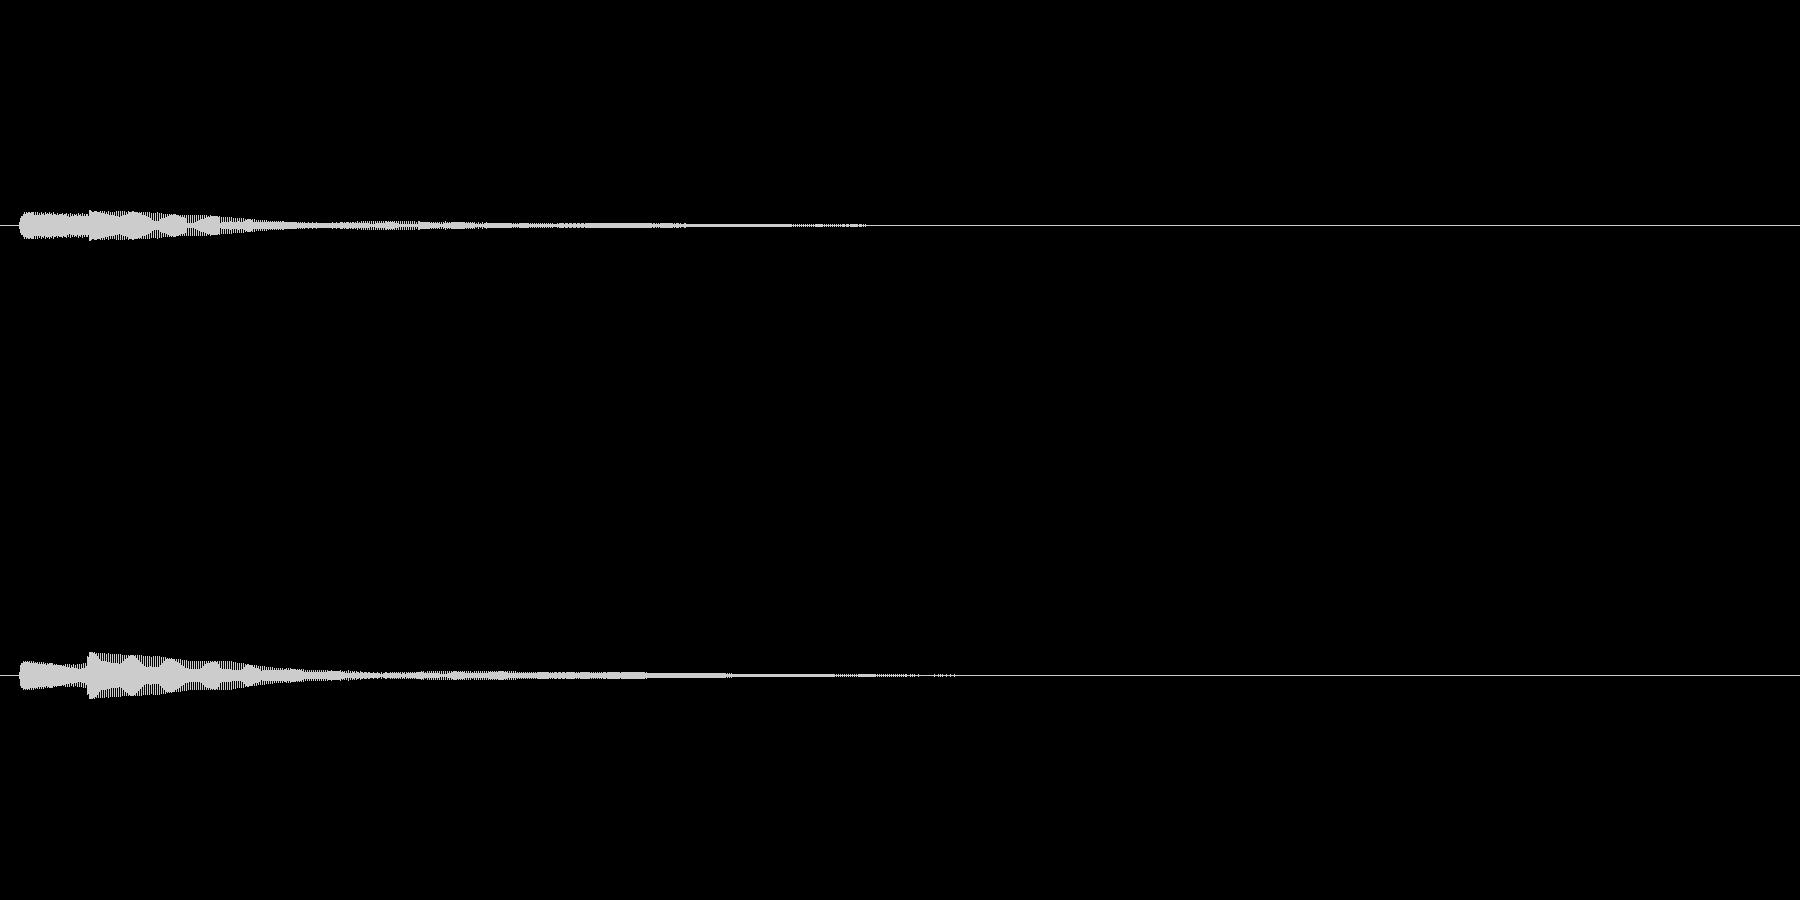 電子音「ボーン」 低音の未再生の波形